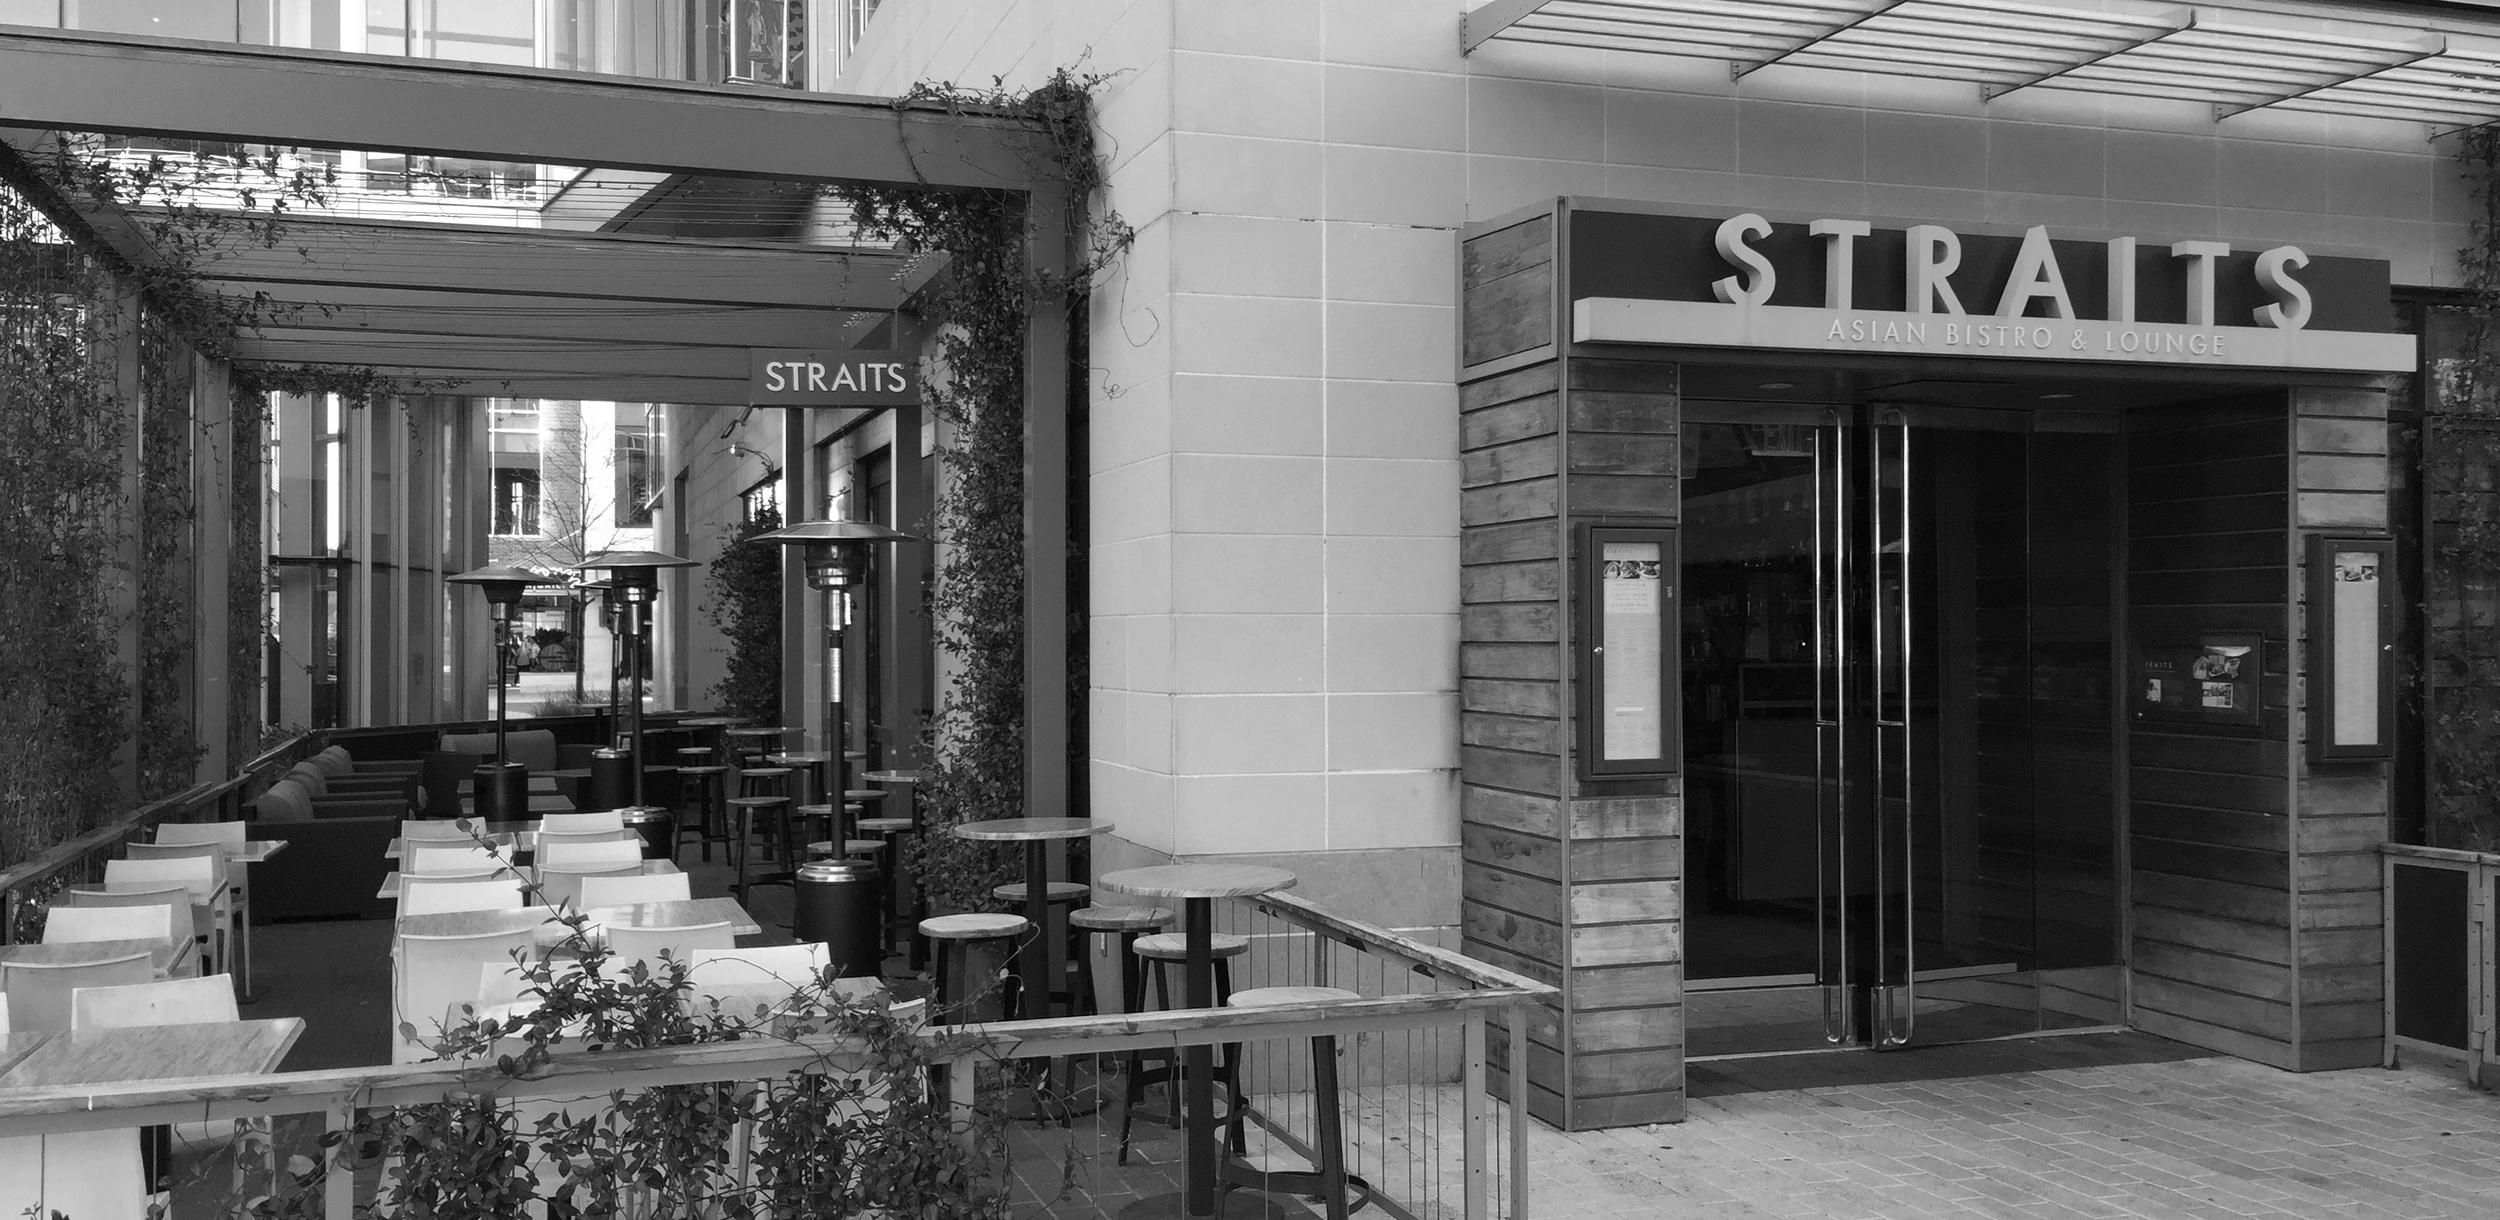 straits houston singaporean restaurant |lounge 800 sorella court, suite 940 houston, tx 77024 (p)713.365.9922